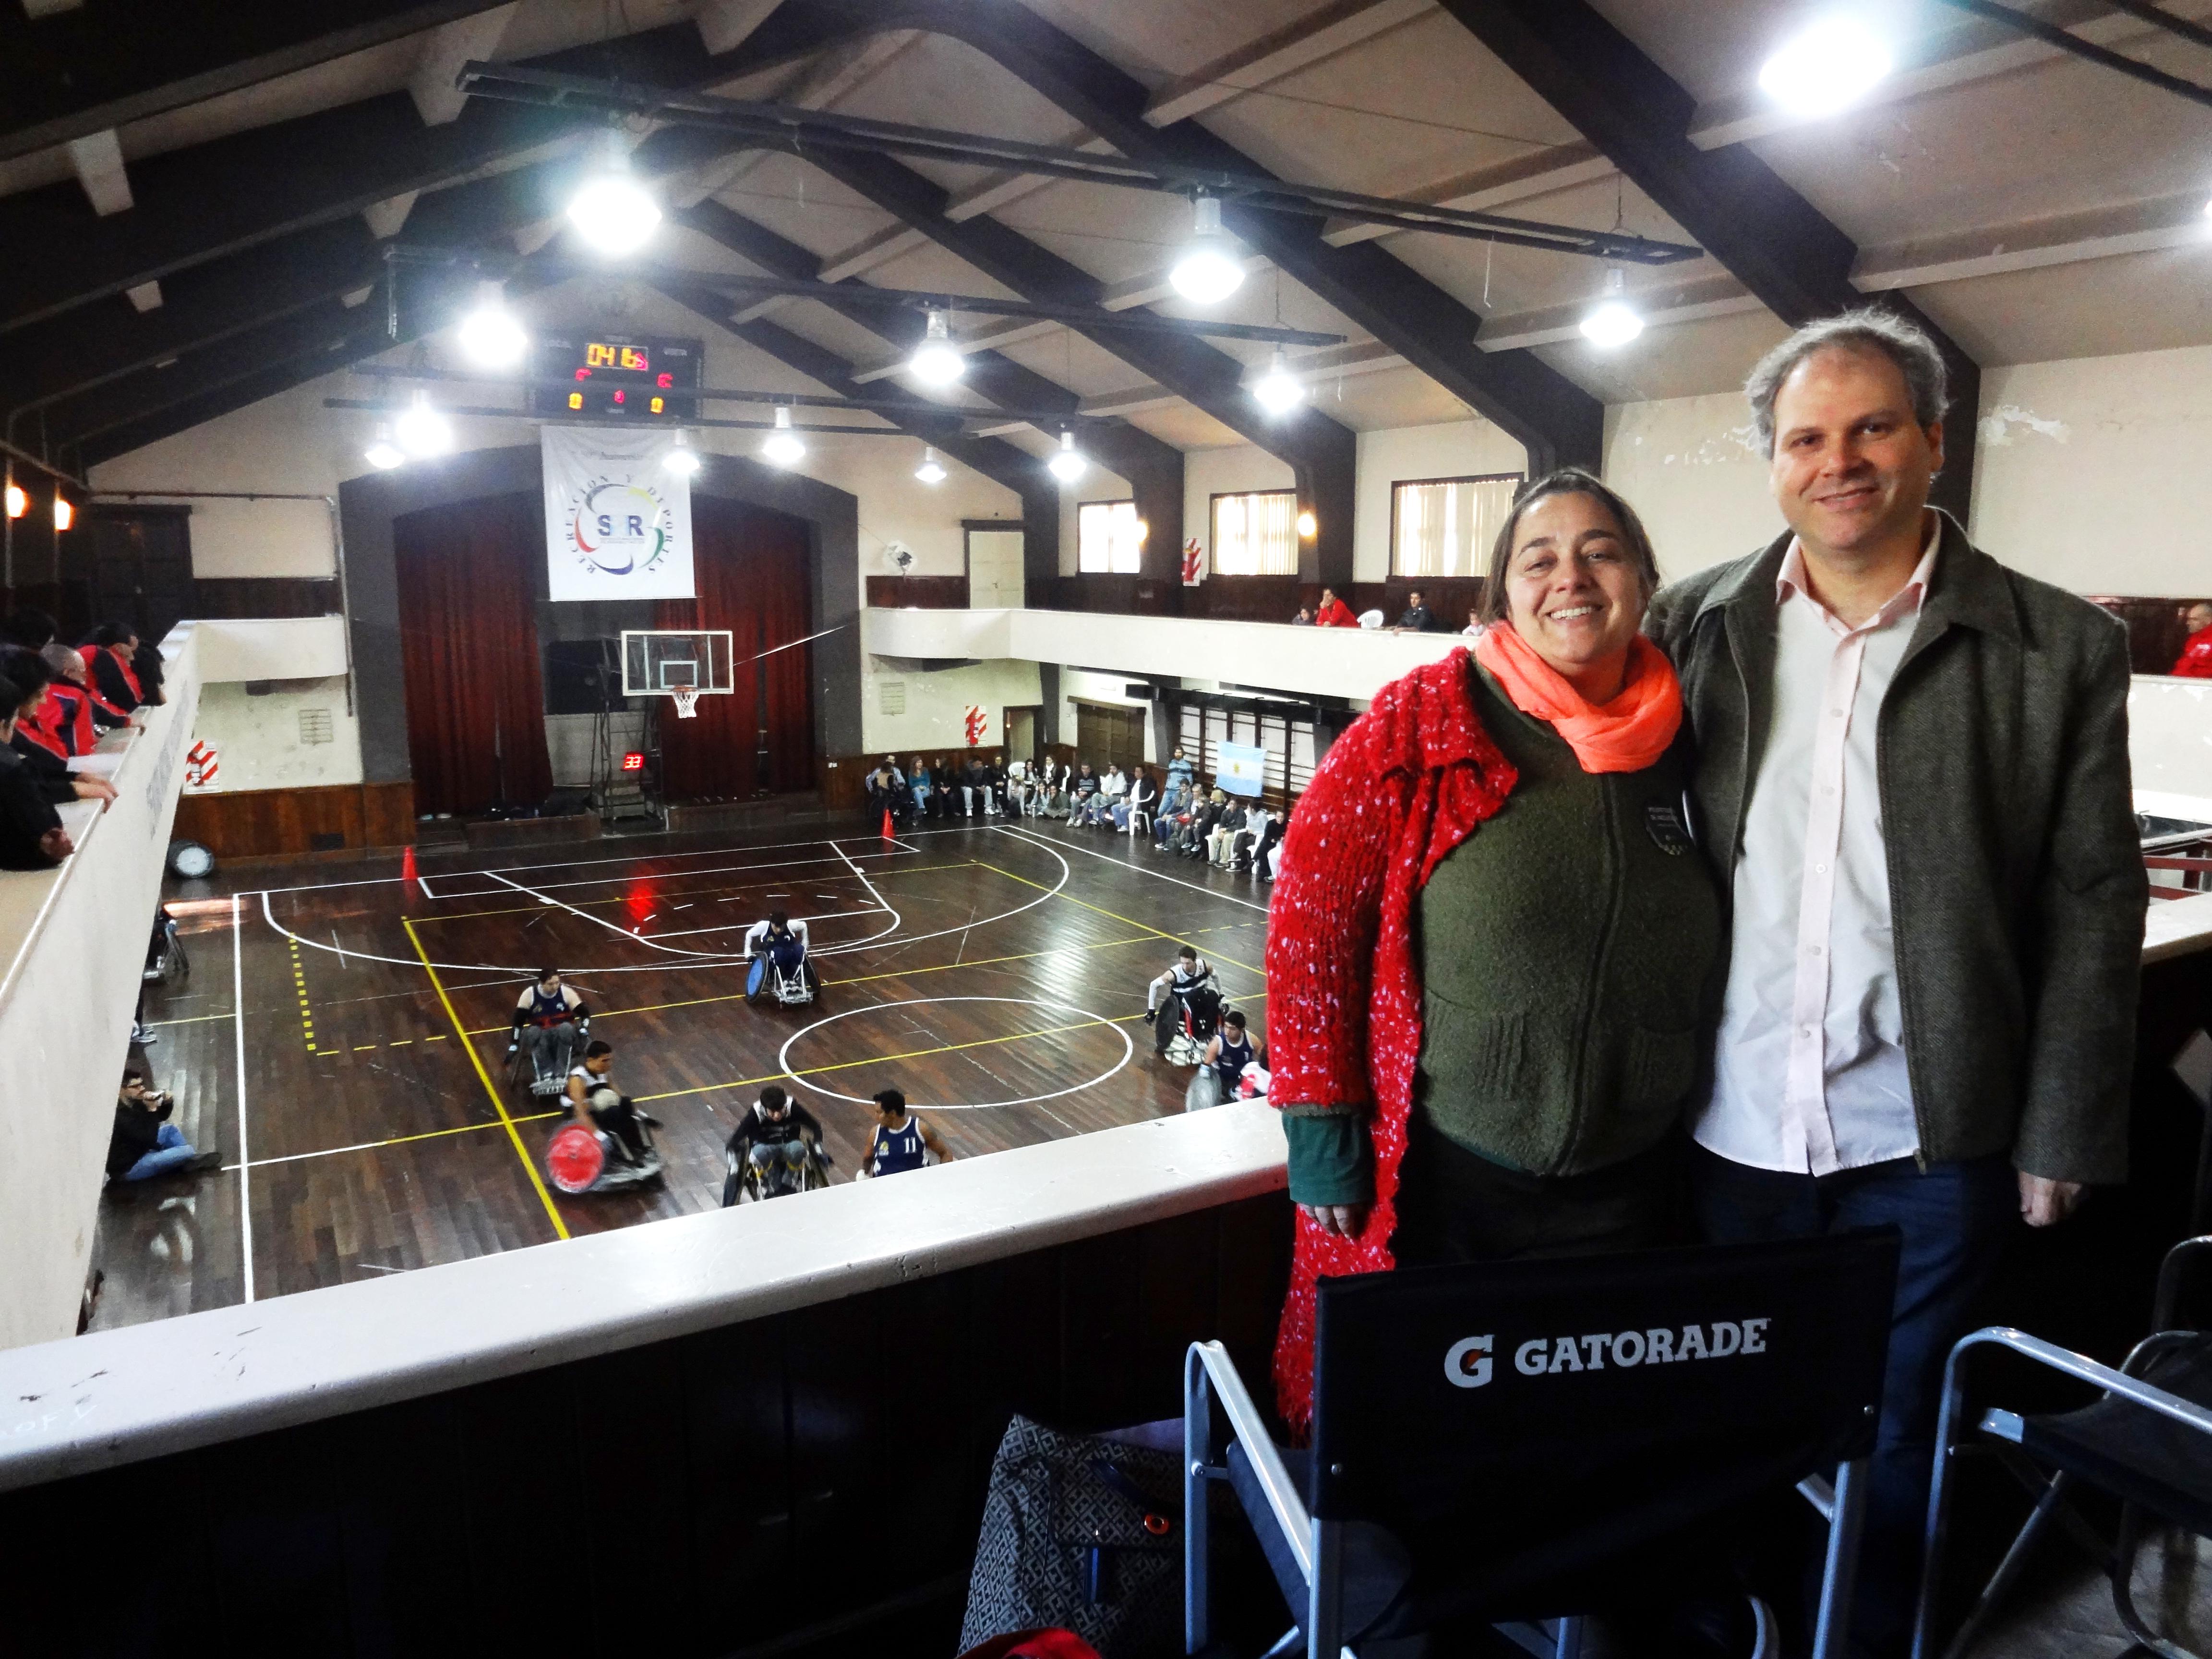 Homem e mulher posam para foto, em pé, no canto esquerdo da imagem. Eles estão na parte superior de um ginásio. Na quadra, de piso de madeira, atletas jogam basquete em suas cadeiras de rodas.